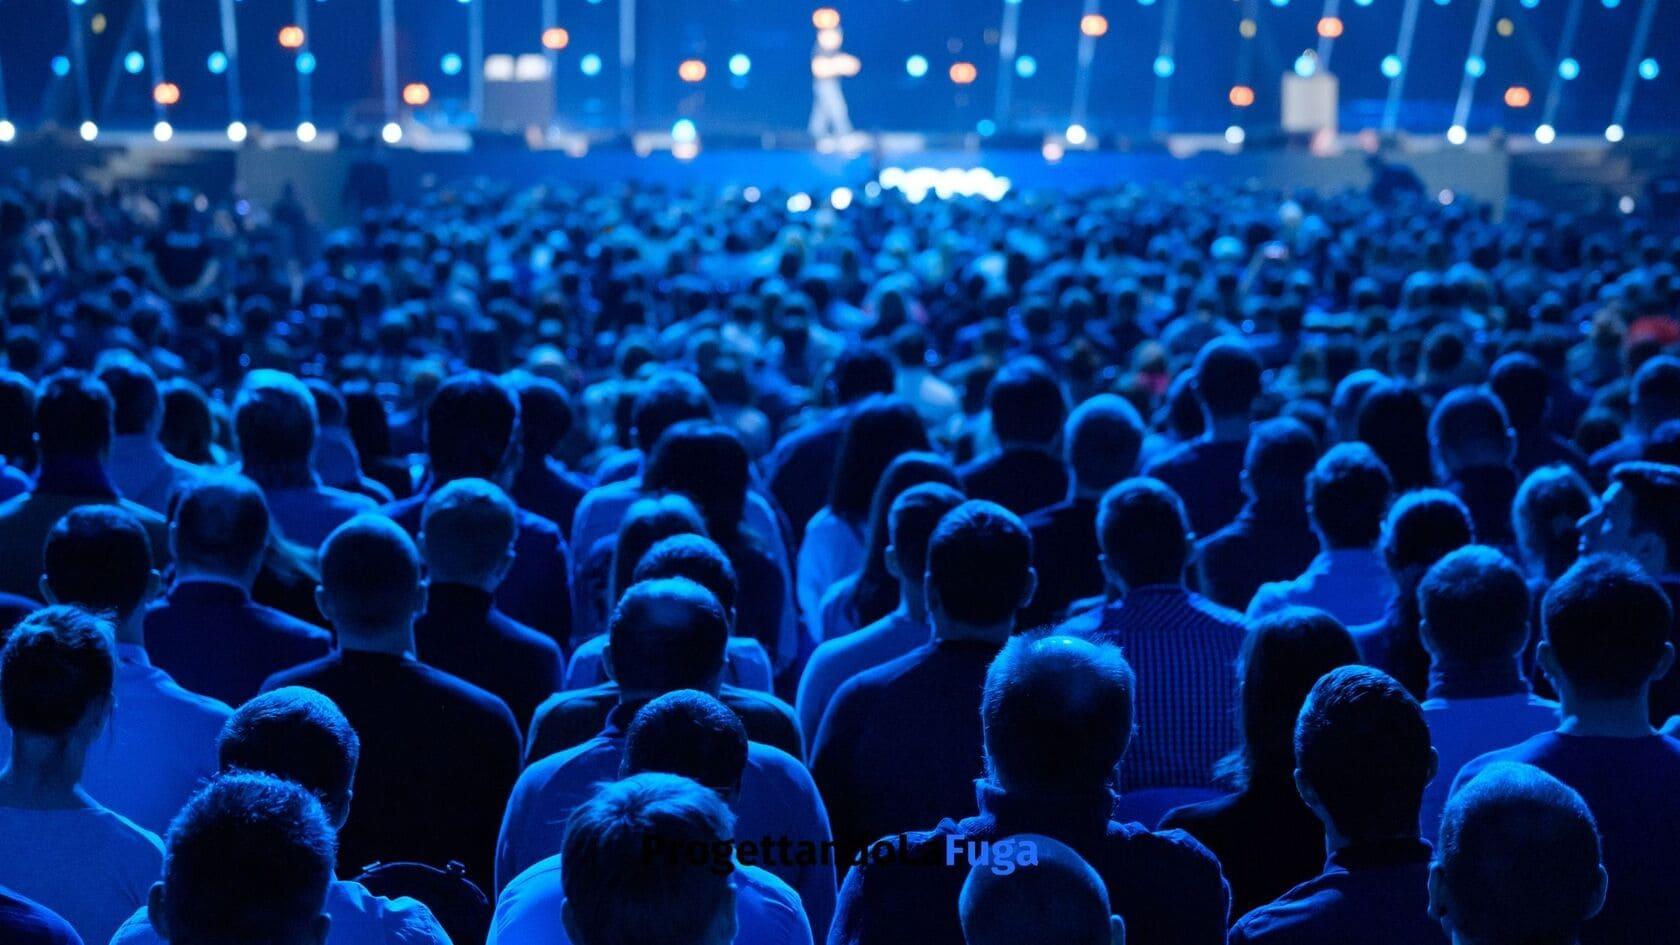 audience a cui chiedere per trovare idee